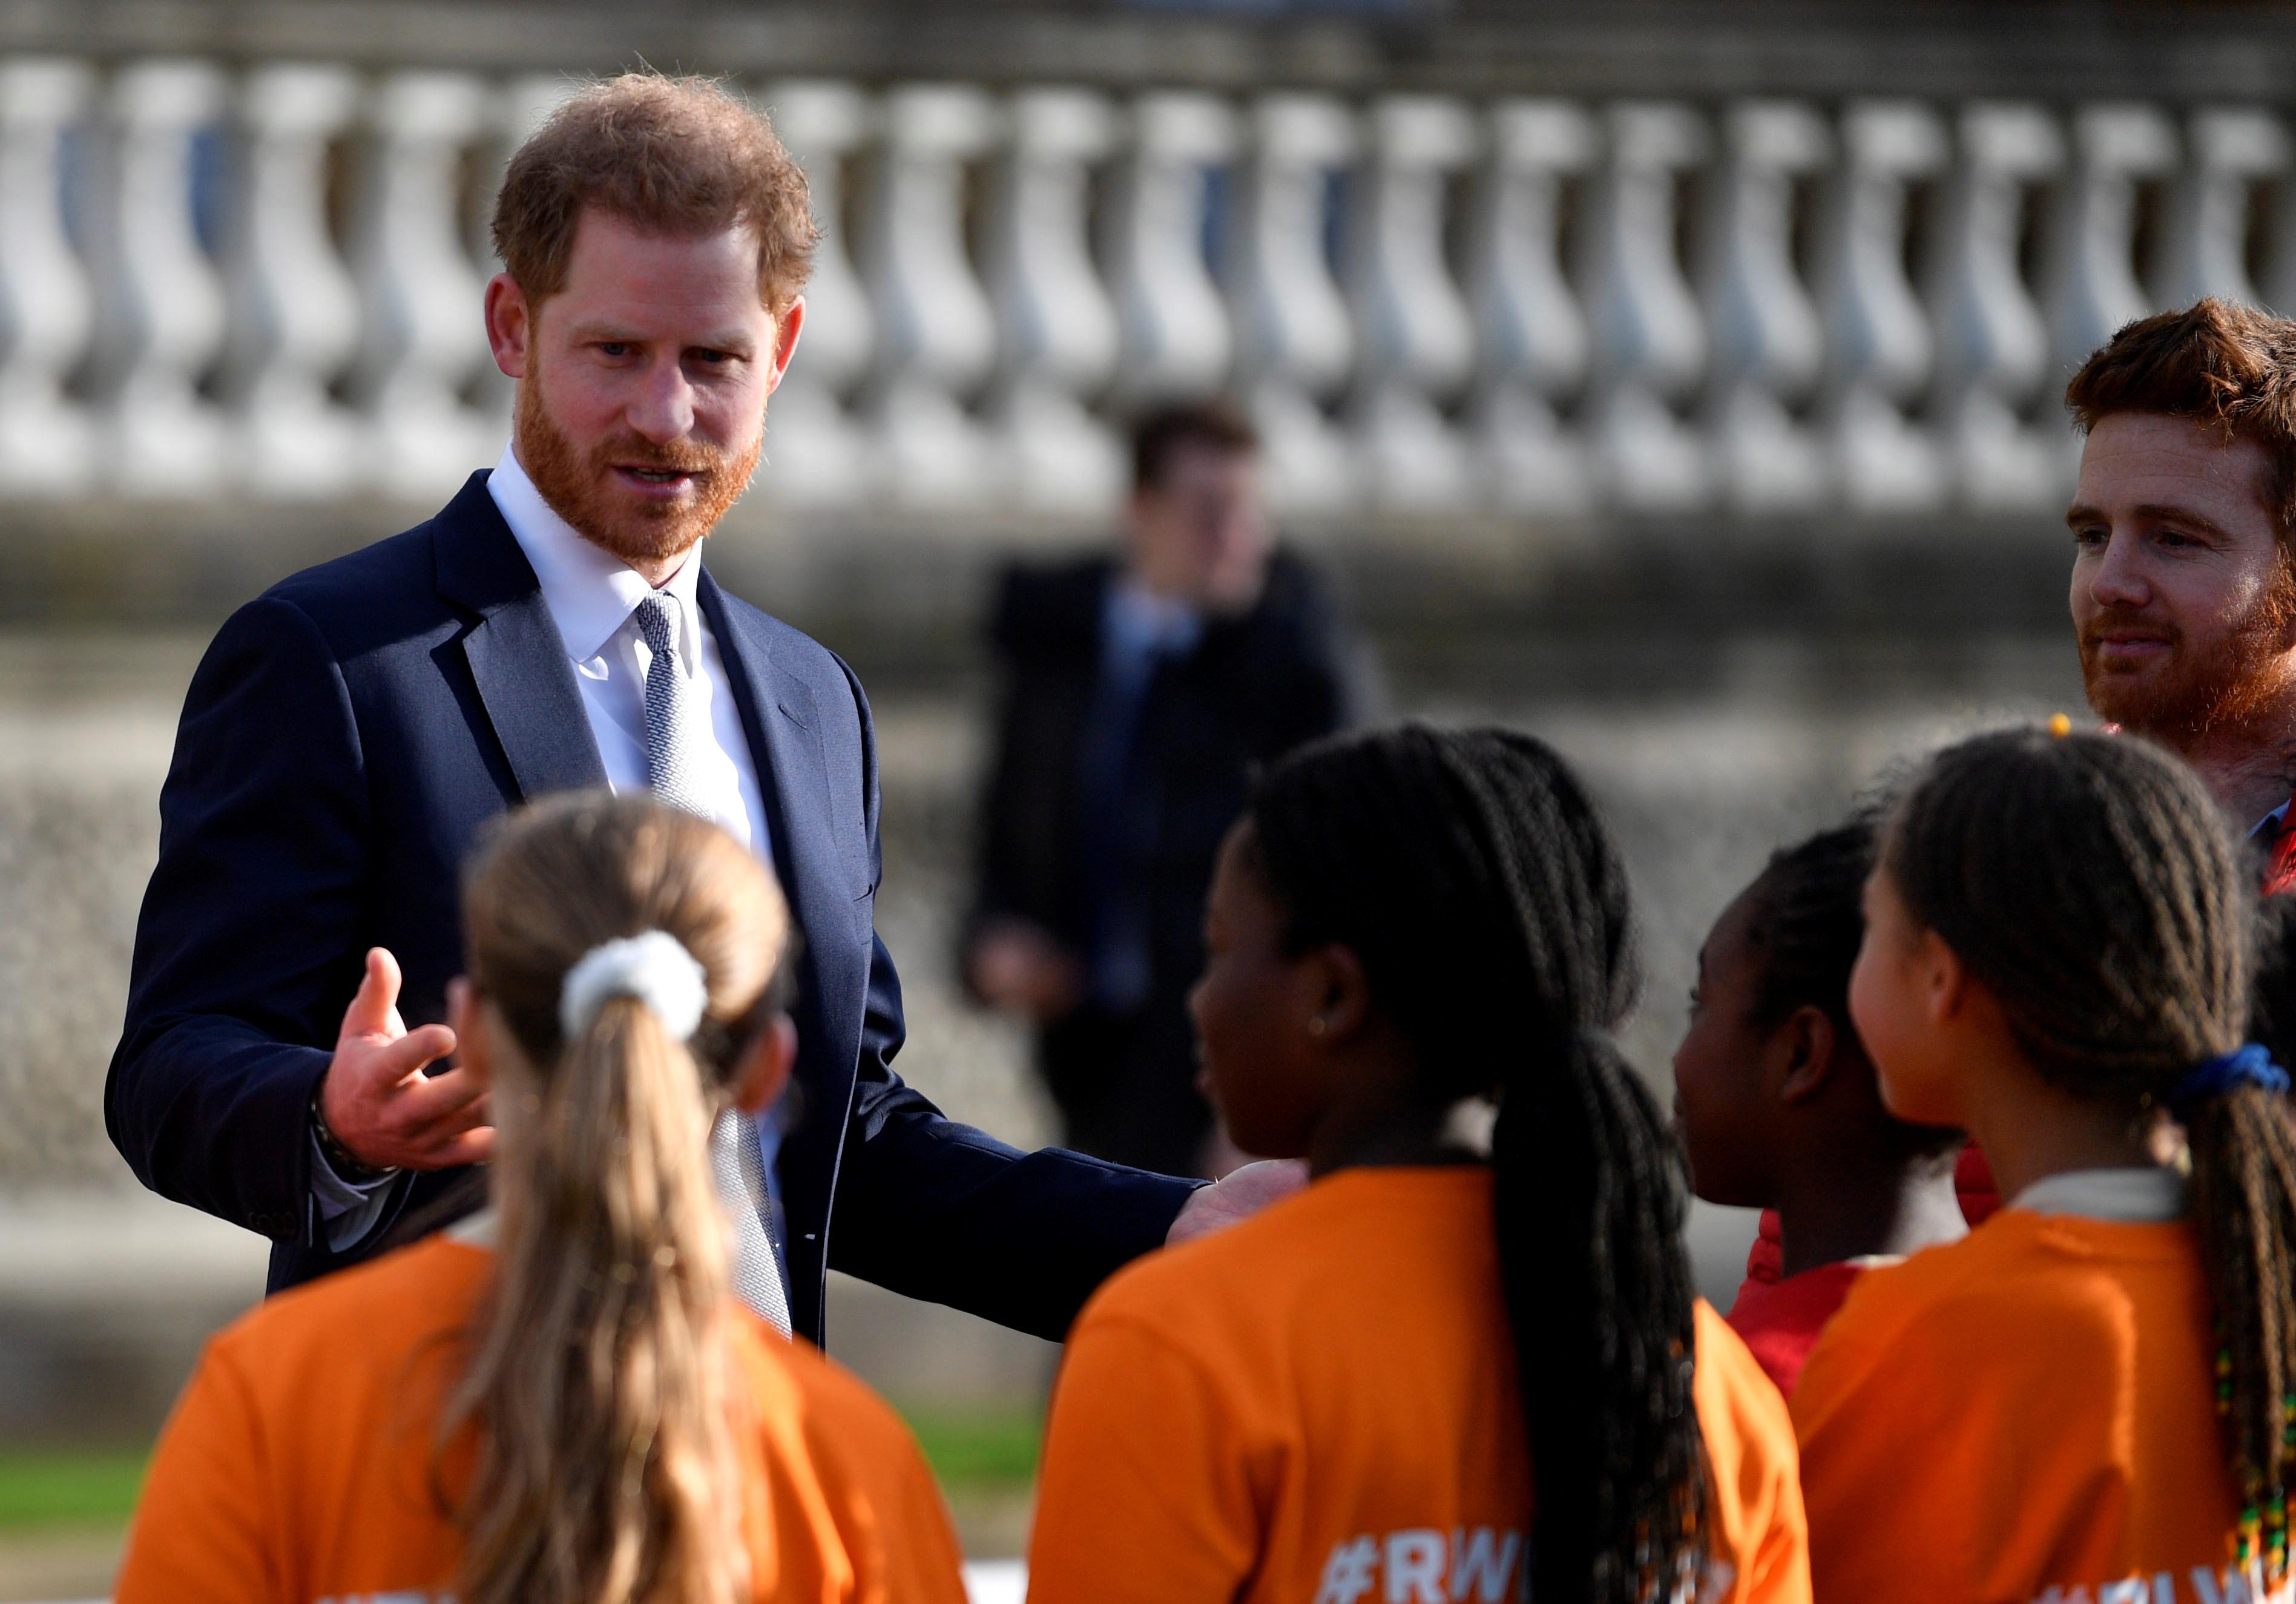 """En enero de 2018 comenzaron los conflictos. Unos comentarios emitidos por el príncipe provocaron malestar en algunos miembros de la familia Markle. Harry dijo su prometida se había acoplado perfectamente a la familia real tras pasar su primera Navidad juntos, pues """"es la familia que Meghan nunca tuvo"""". (Archivo)"""